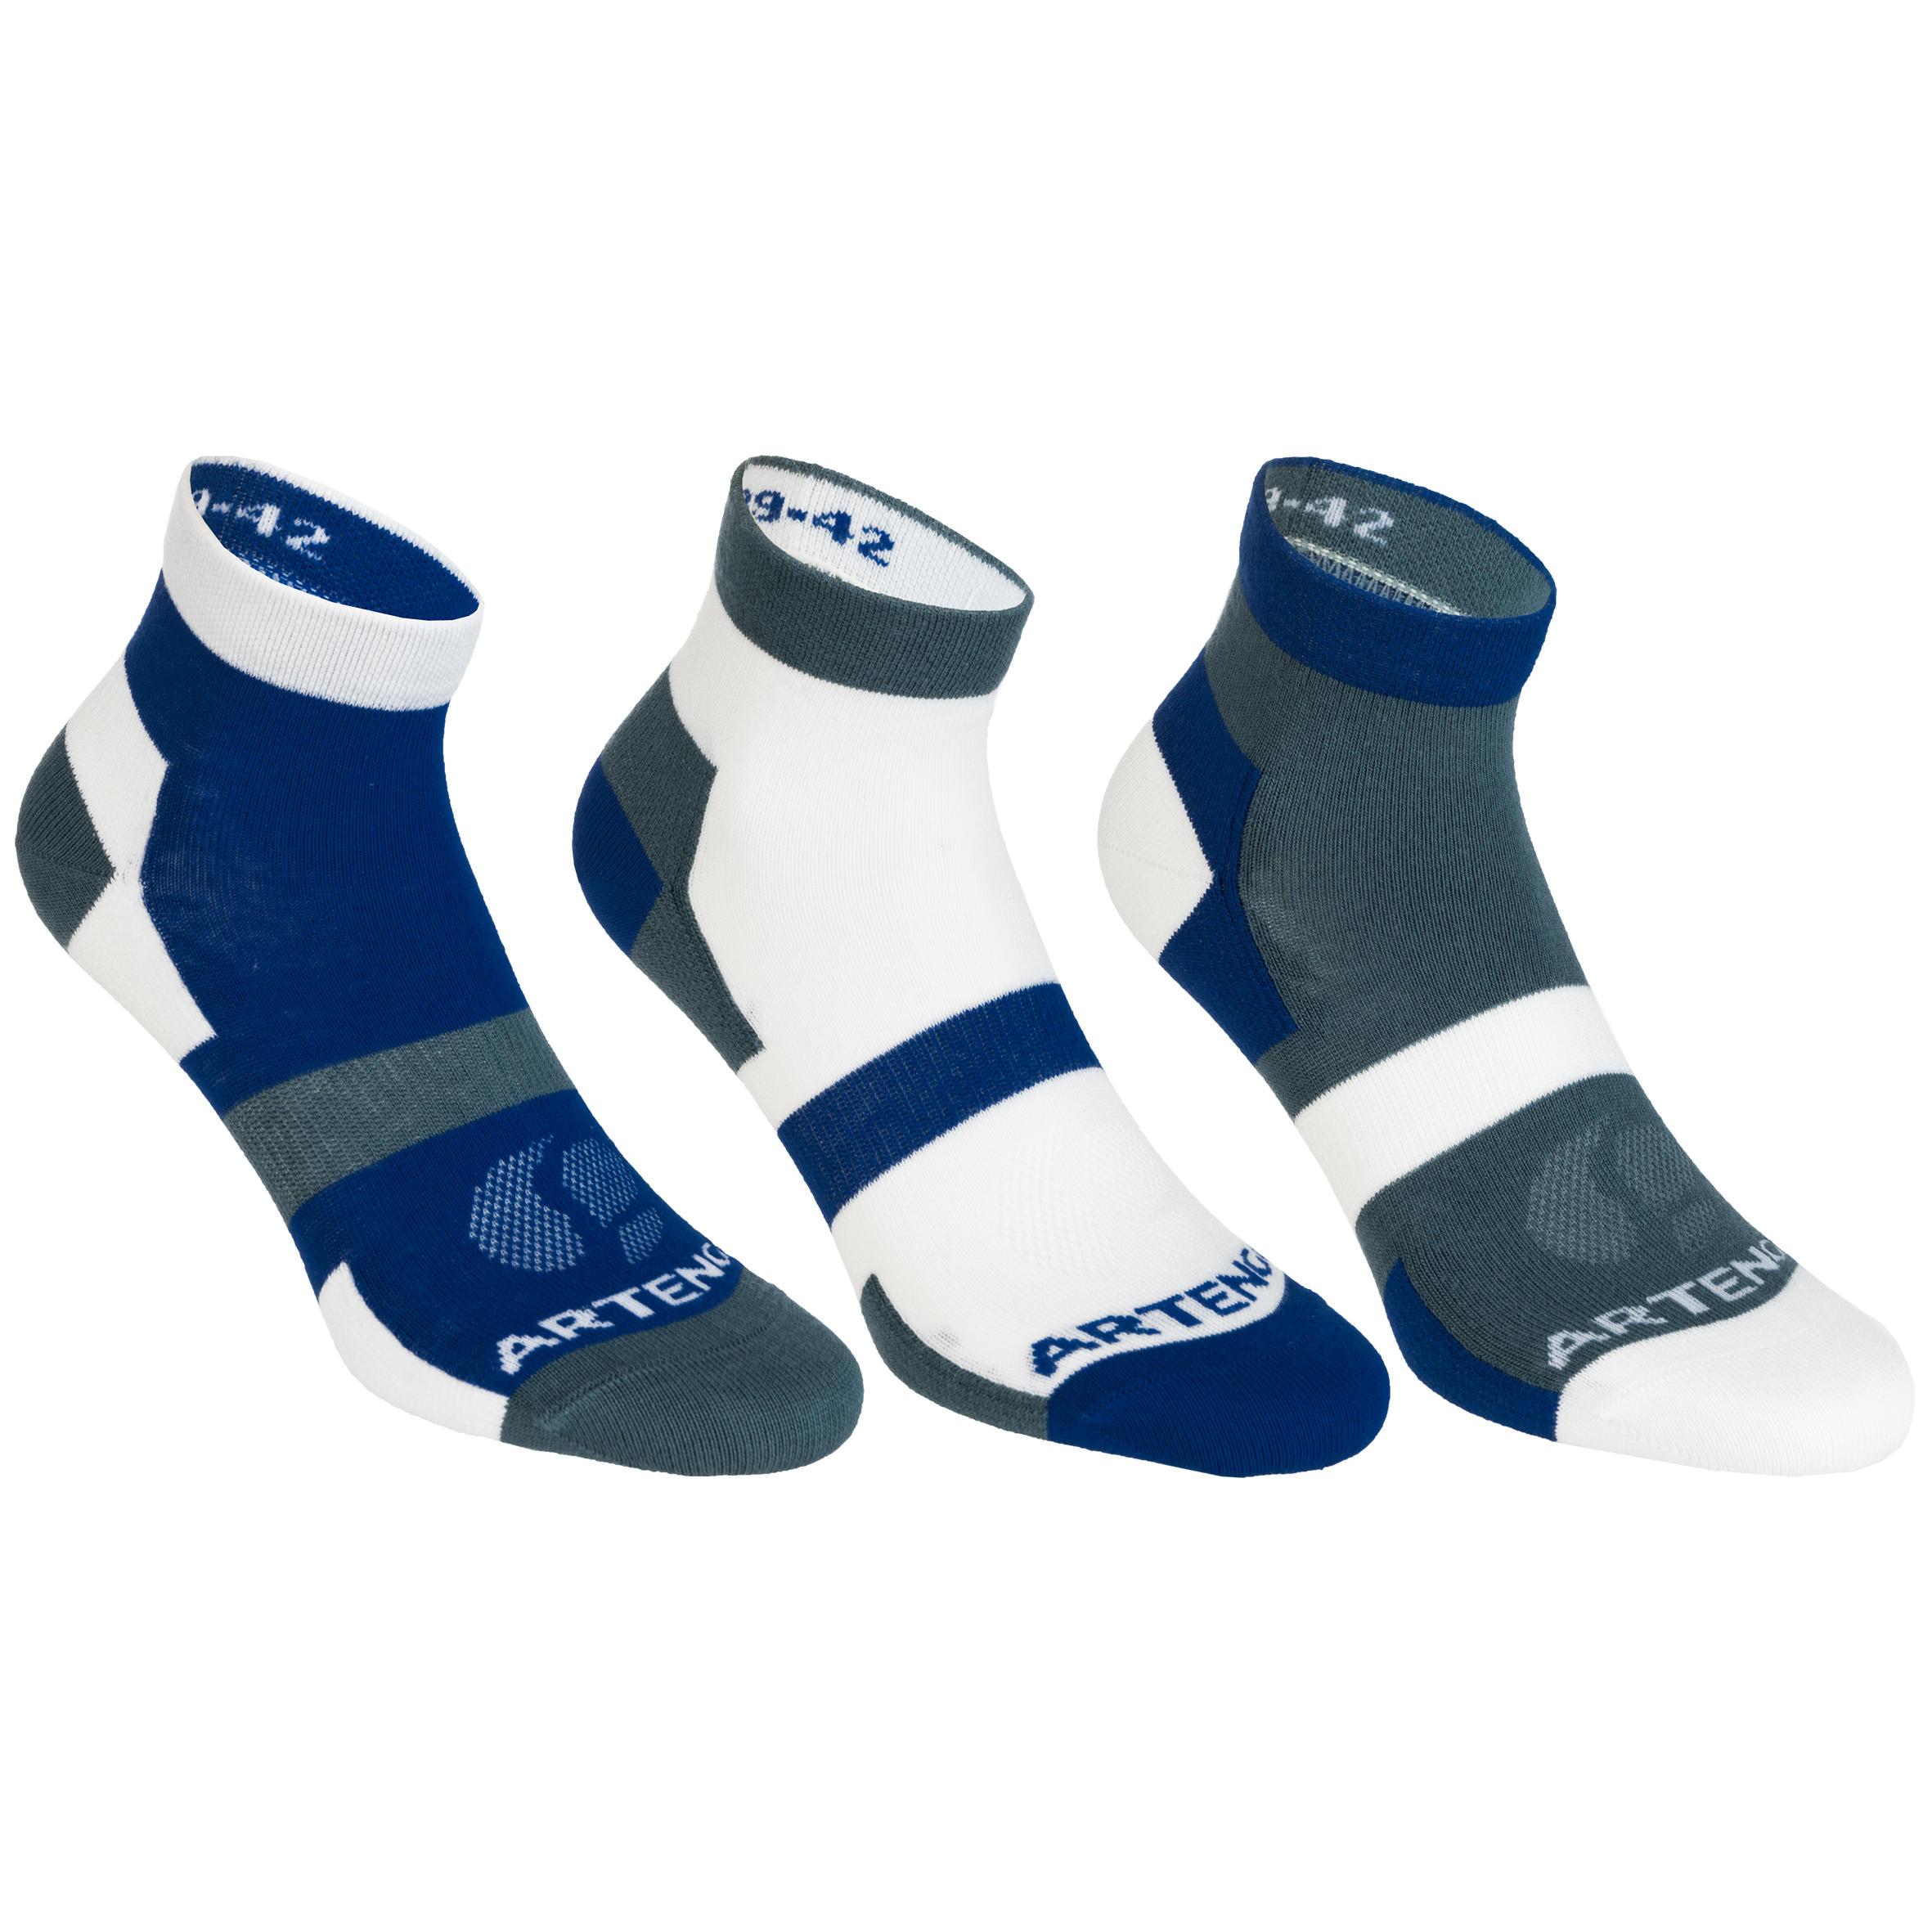 Tennissocken RS160 Mid 3er-Pack Erwachsene grau/weiß | Sportbekleidung > Funktionswäsche > Sportsocken | Baumwolle | Artengo